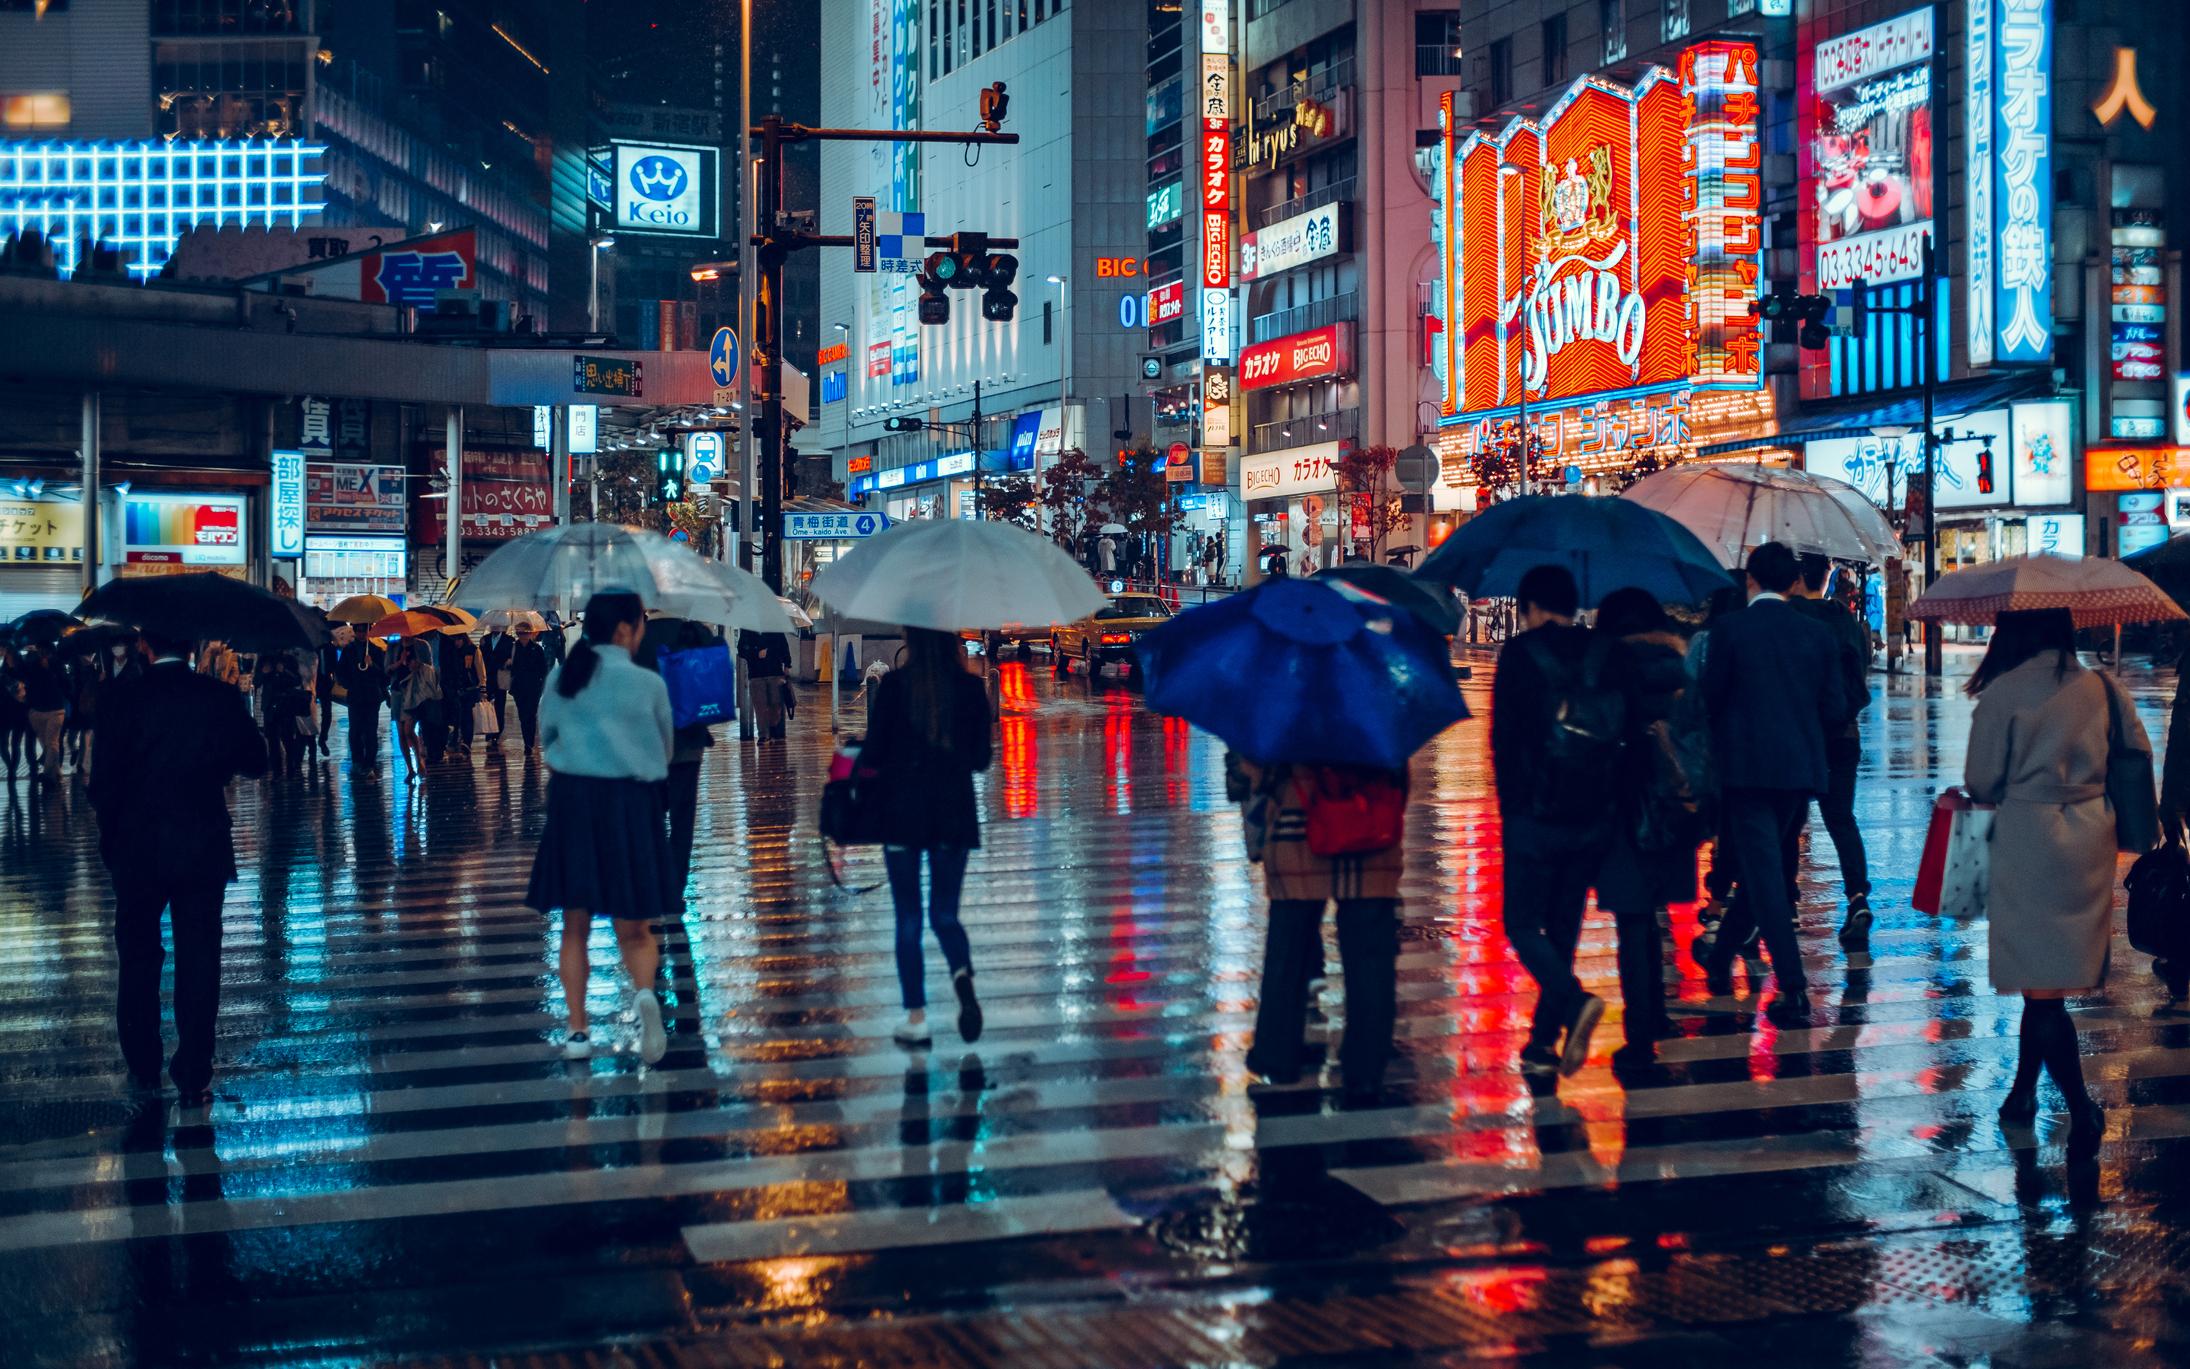 pierdere internațională de ploaie internațională